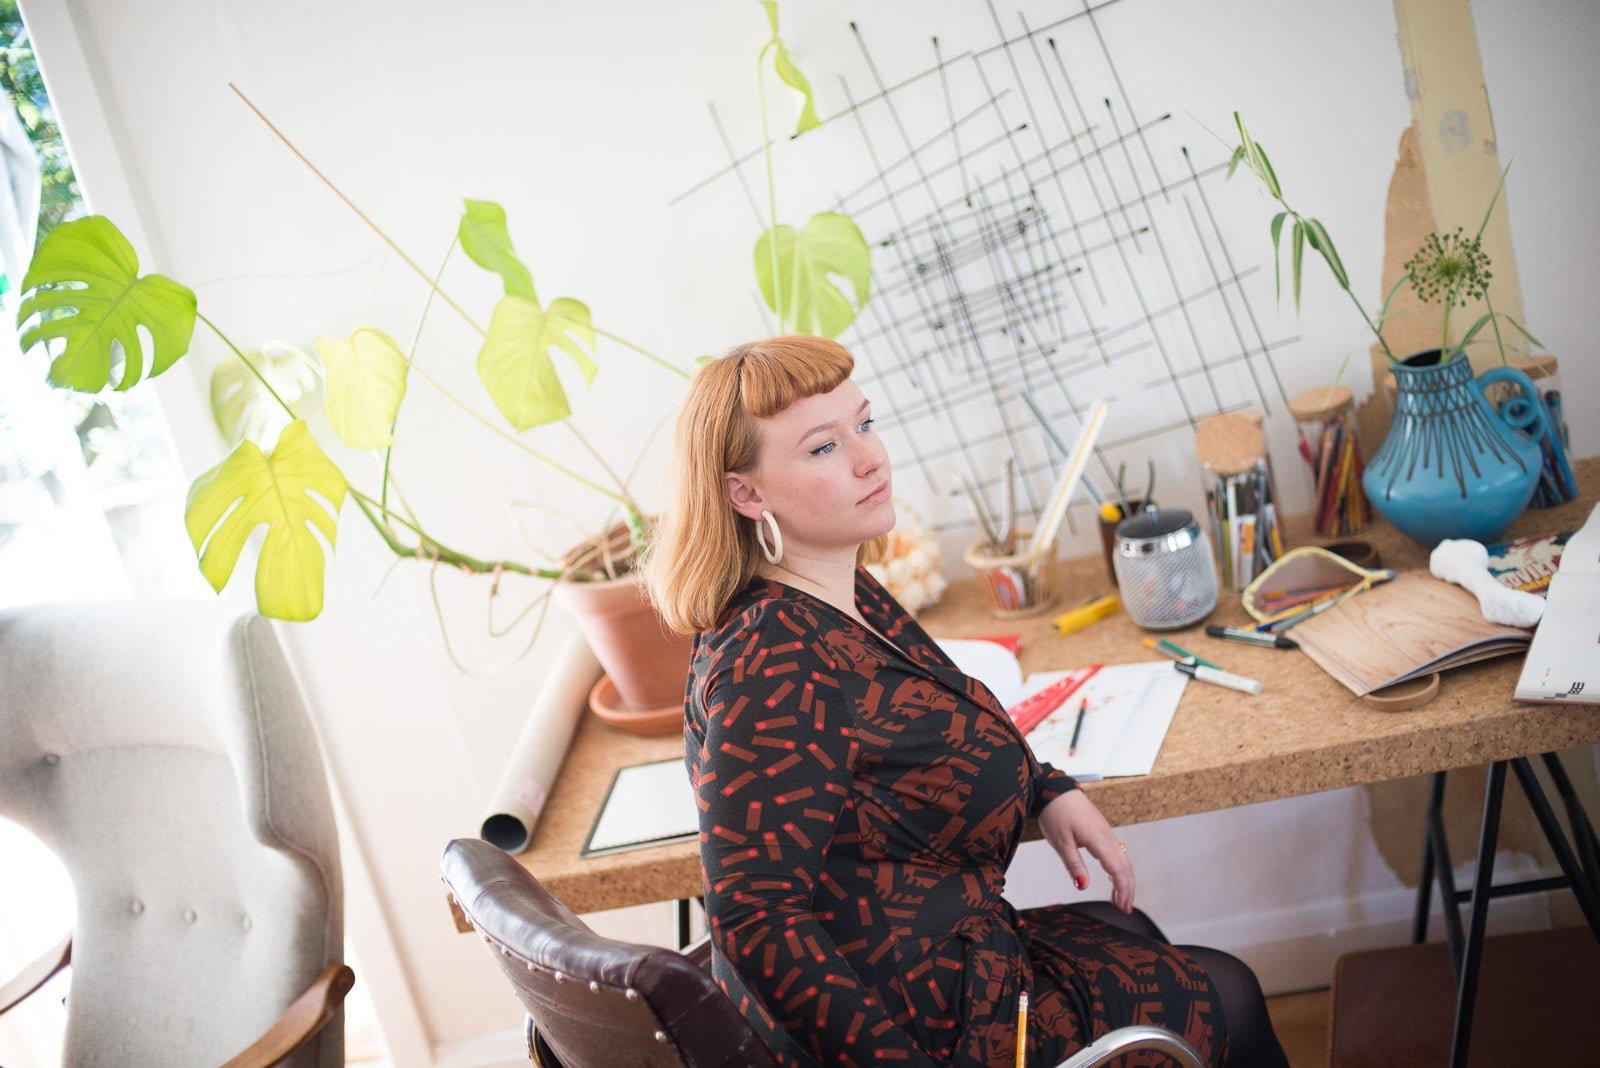 Artist Talk With Fashion Designer Elsa Vestmann